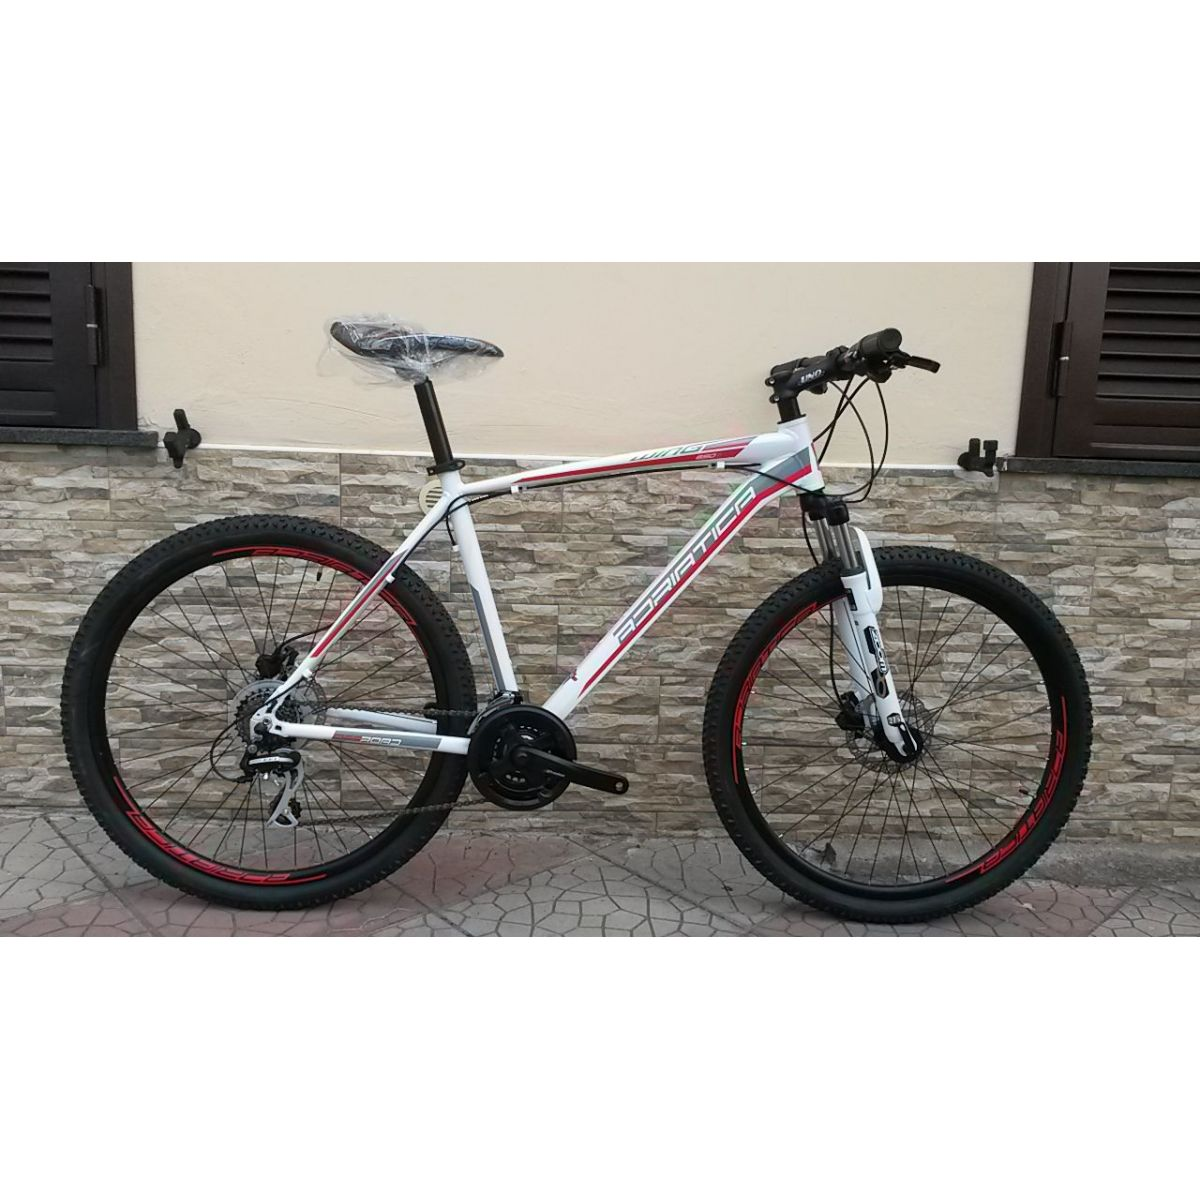 Bicicletta Adriatica uomo